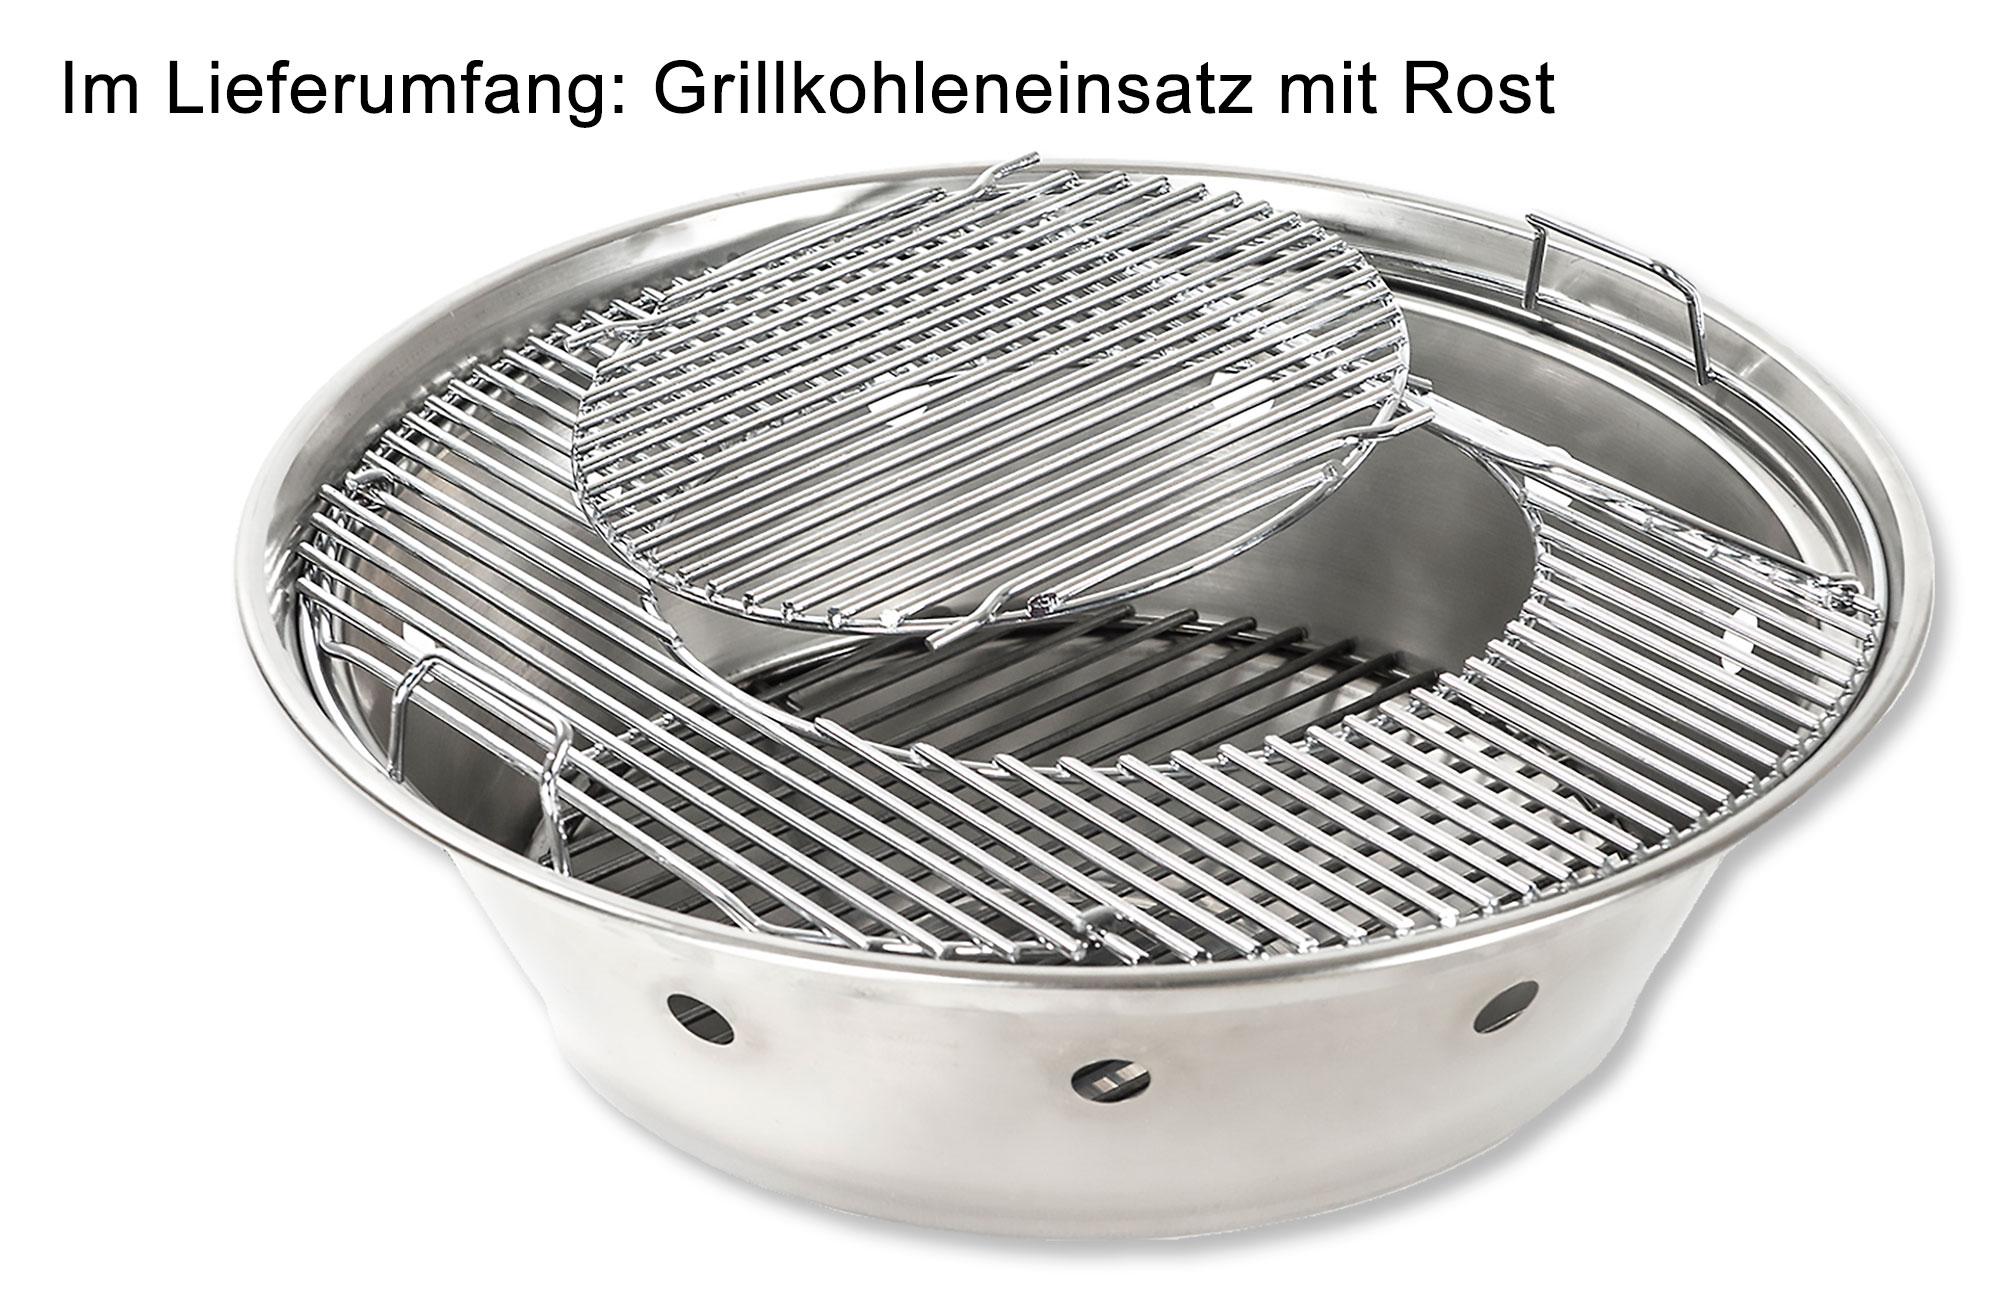 Hirst Grilltisch Edelstahl Stehtisch Grillkohleeinsatz